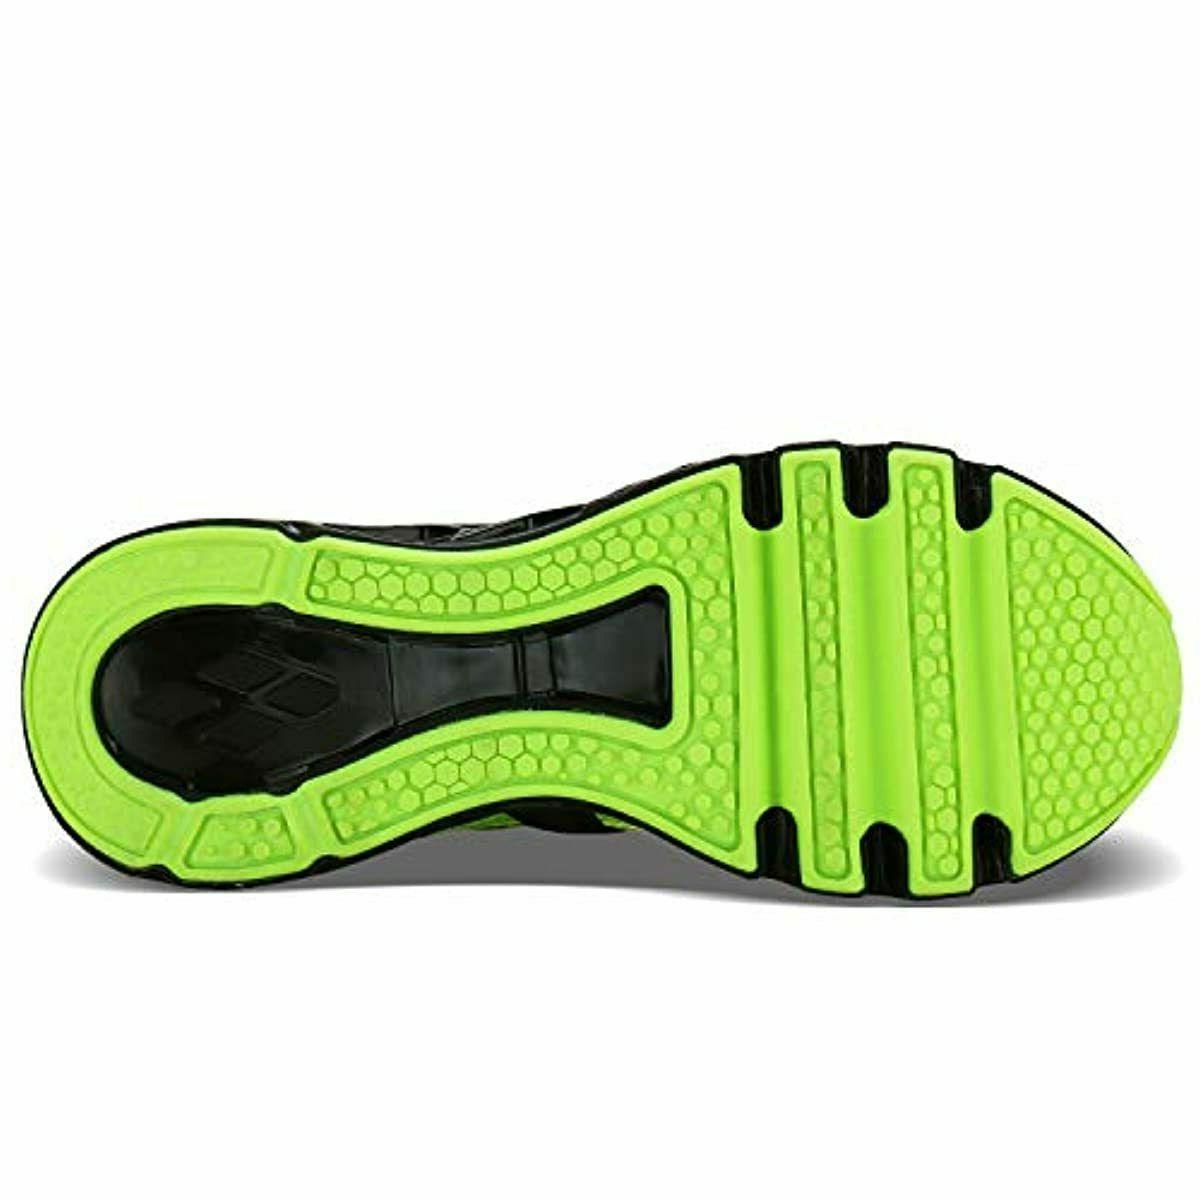 UMYOGO Athletic Walking Blade Running Tennis Fashion Sneakers